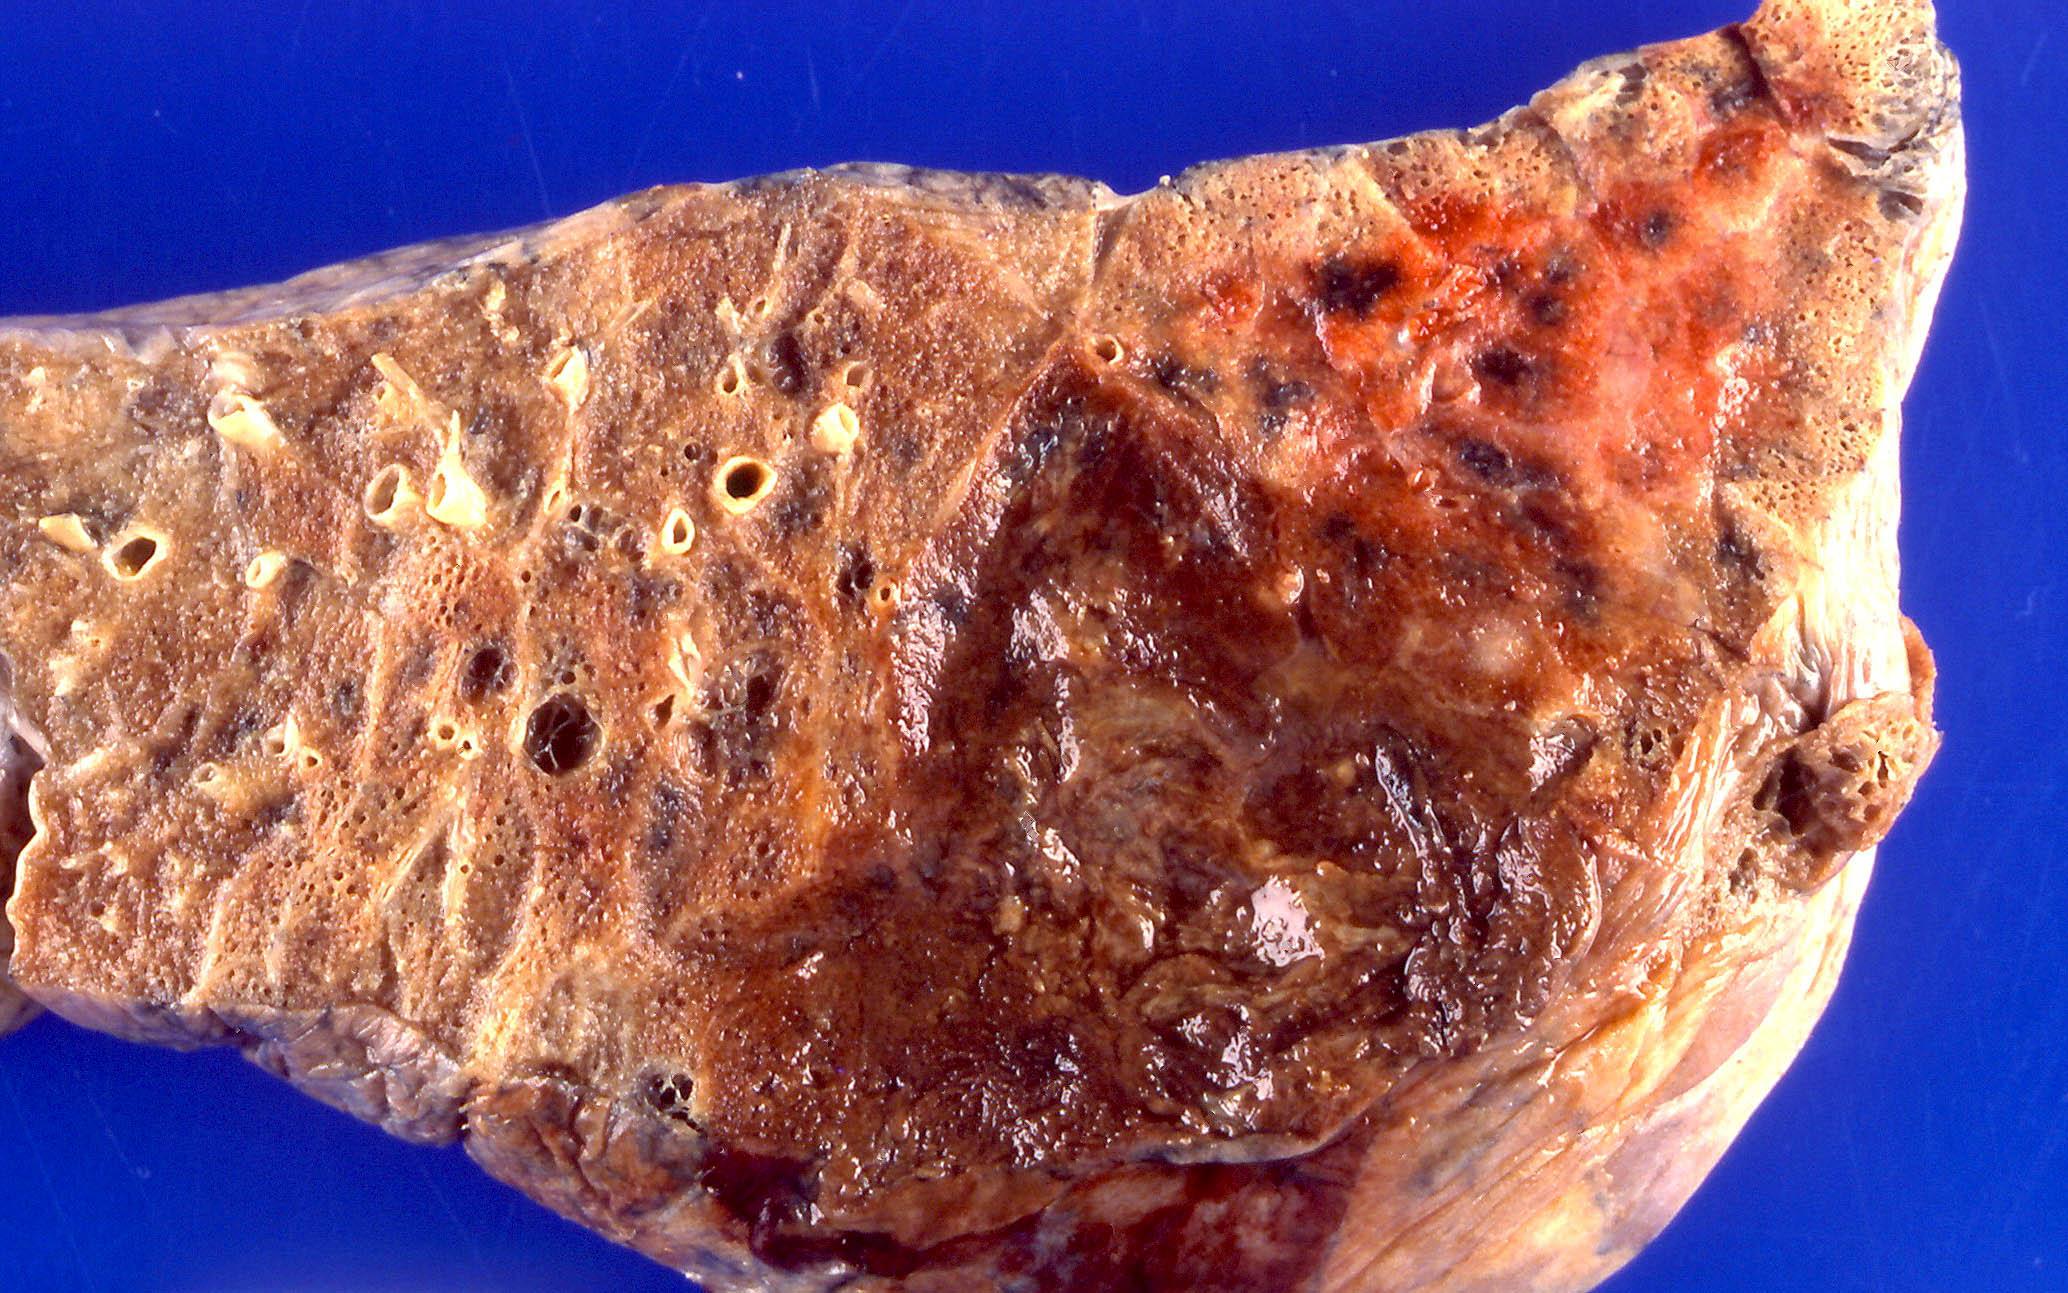 Pseudomonas pneumonia